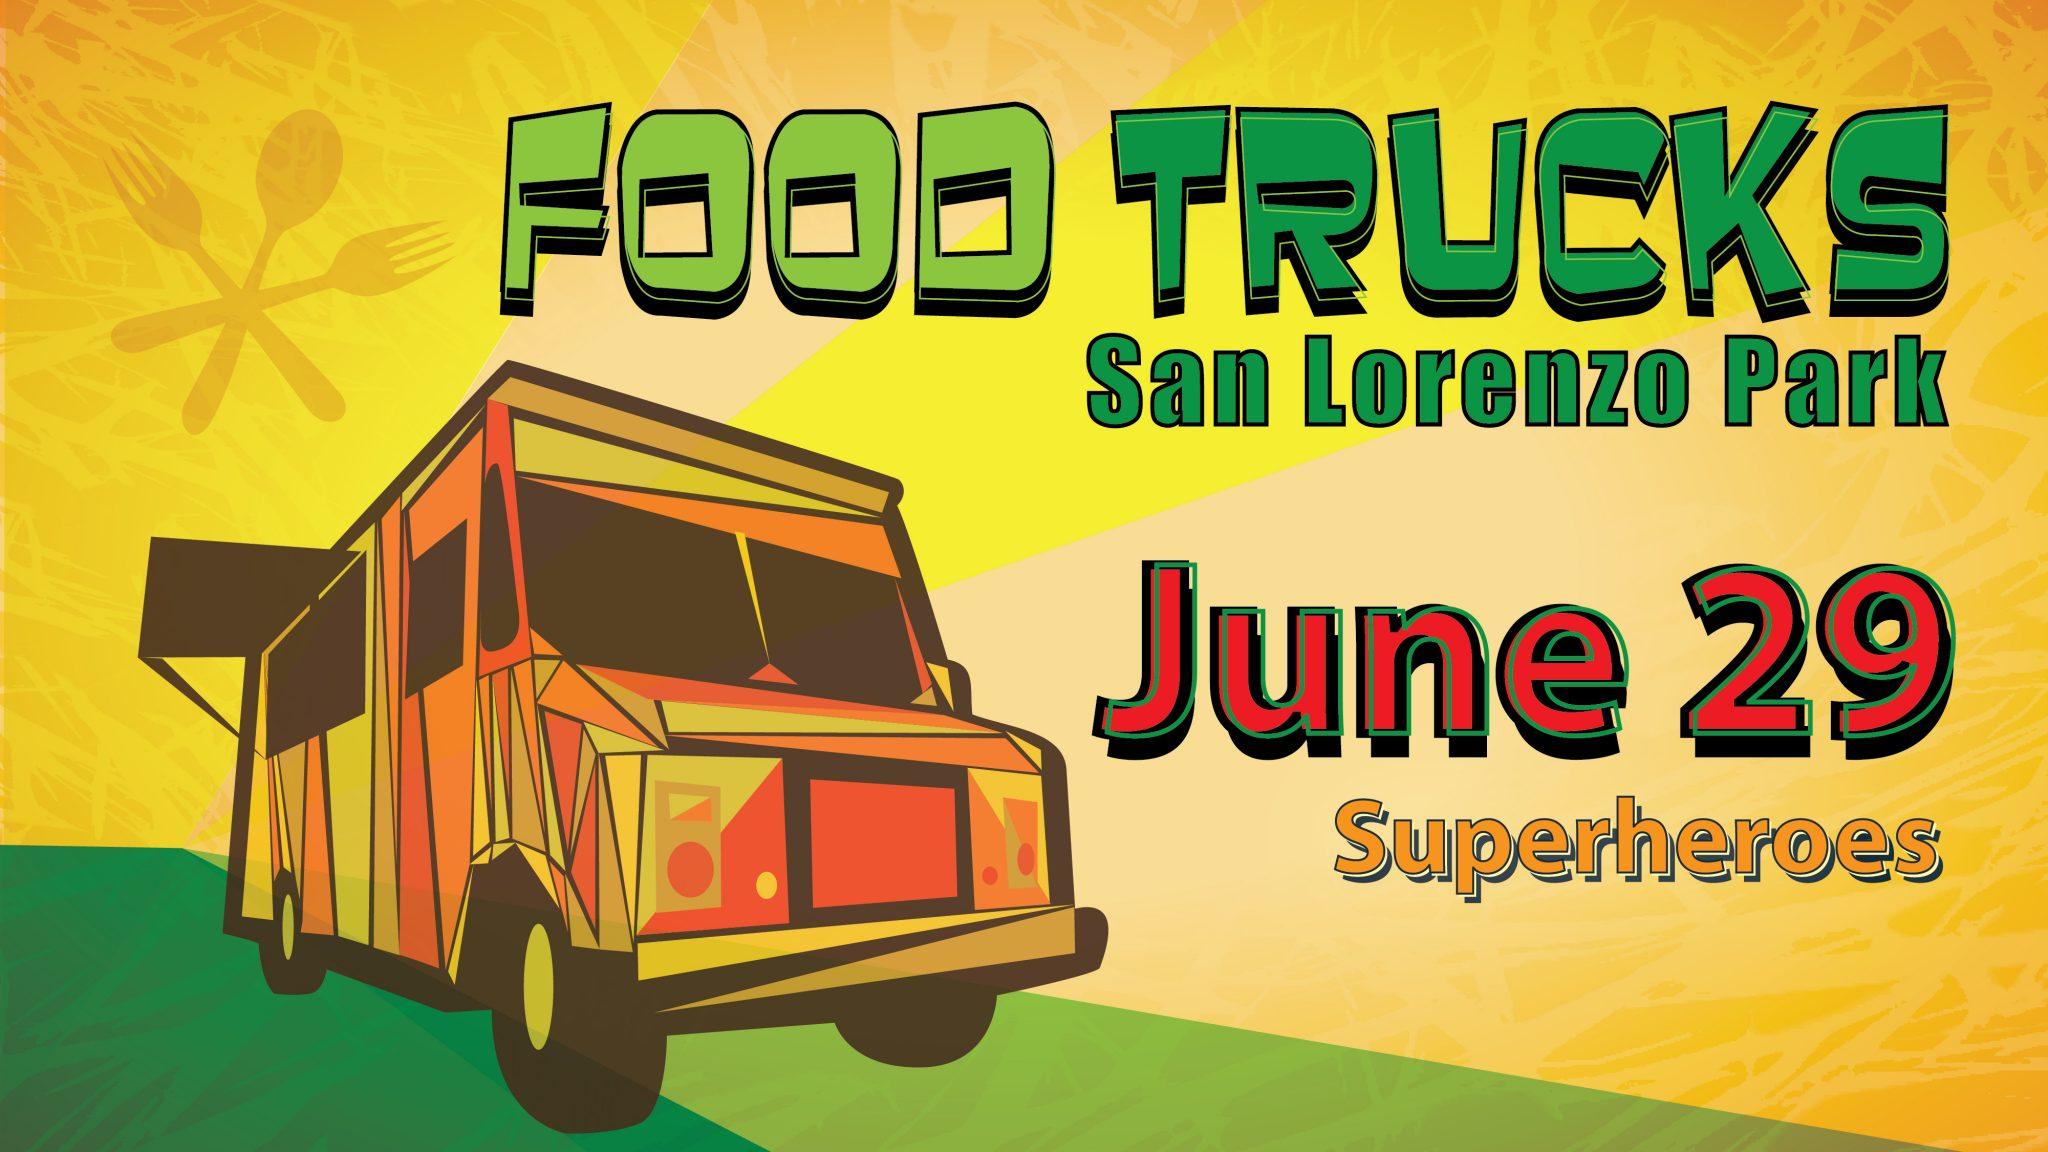 Food Trucks In San Lorenzo Park Superheroes Coastal Watershed